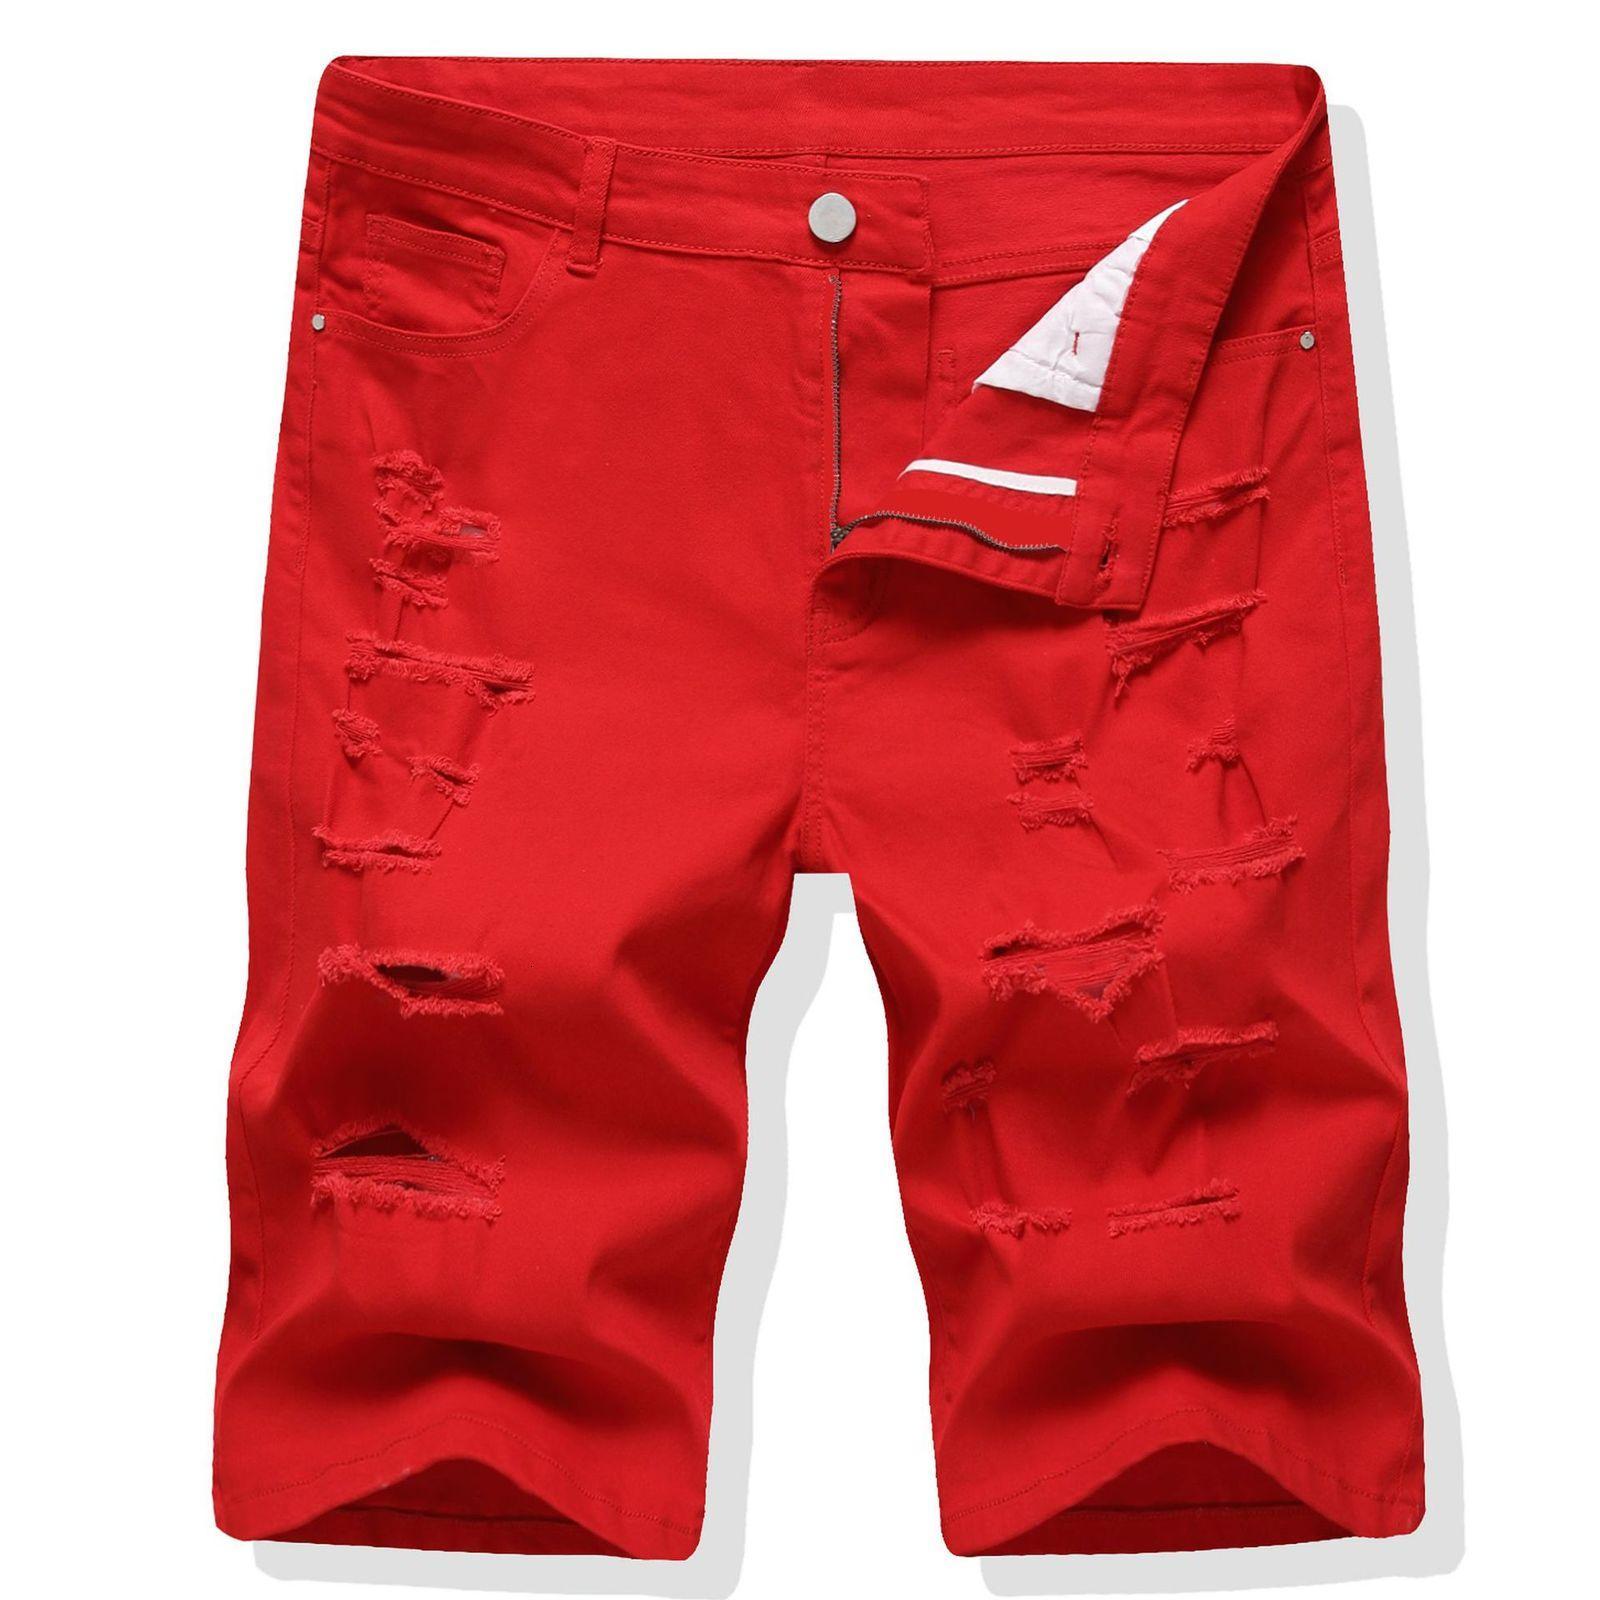 Red elastic men pant fashion trend Jeans Capris 2021 men's pants short